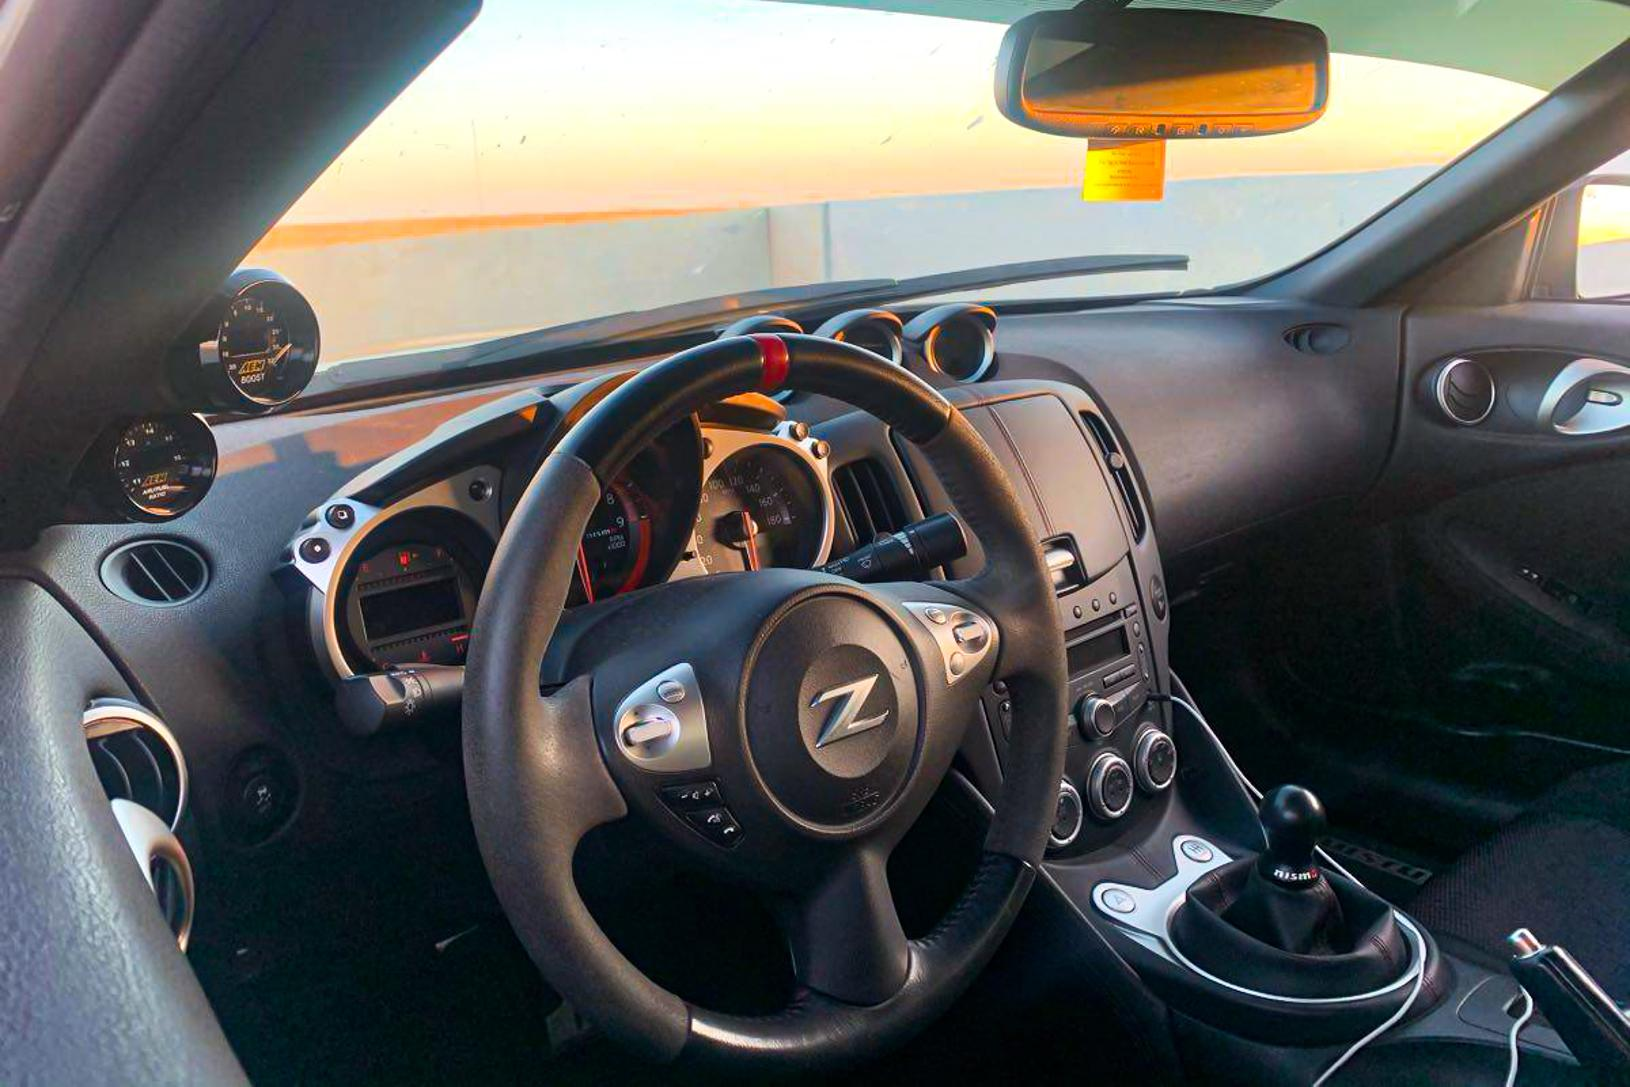 2014 Nissan 370Z 'Twin Turbo'